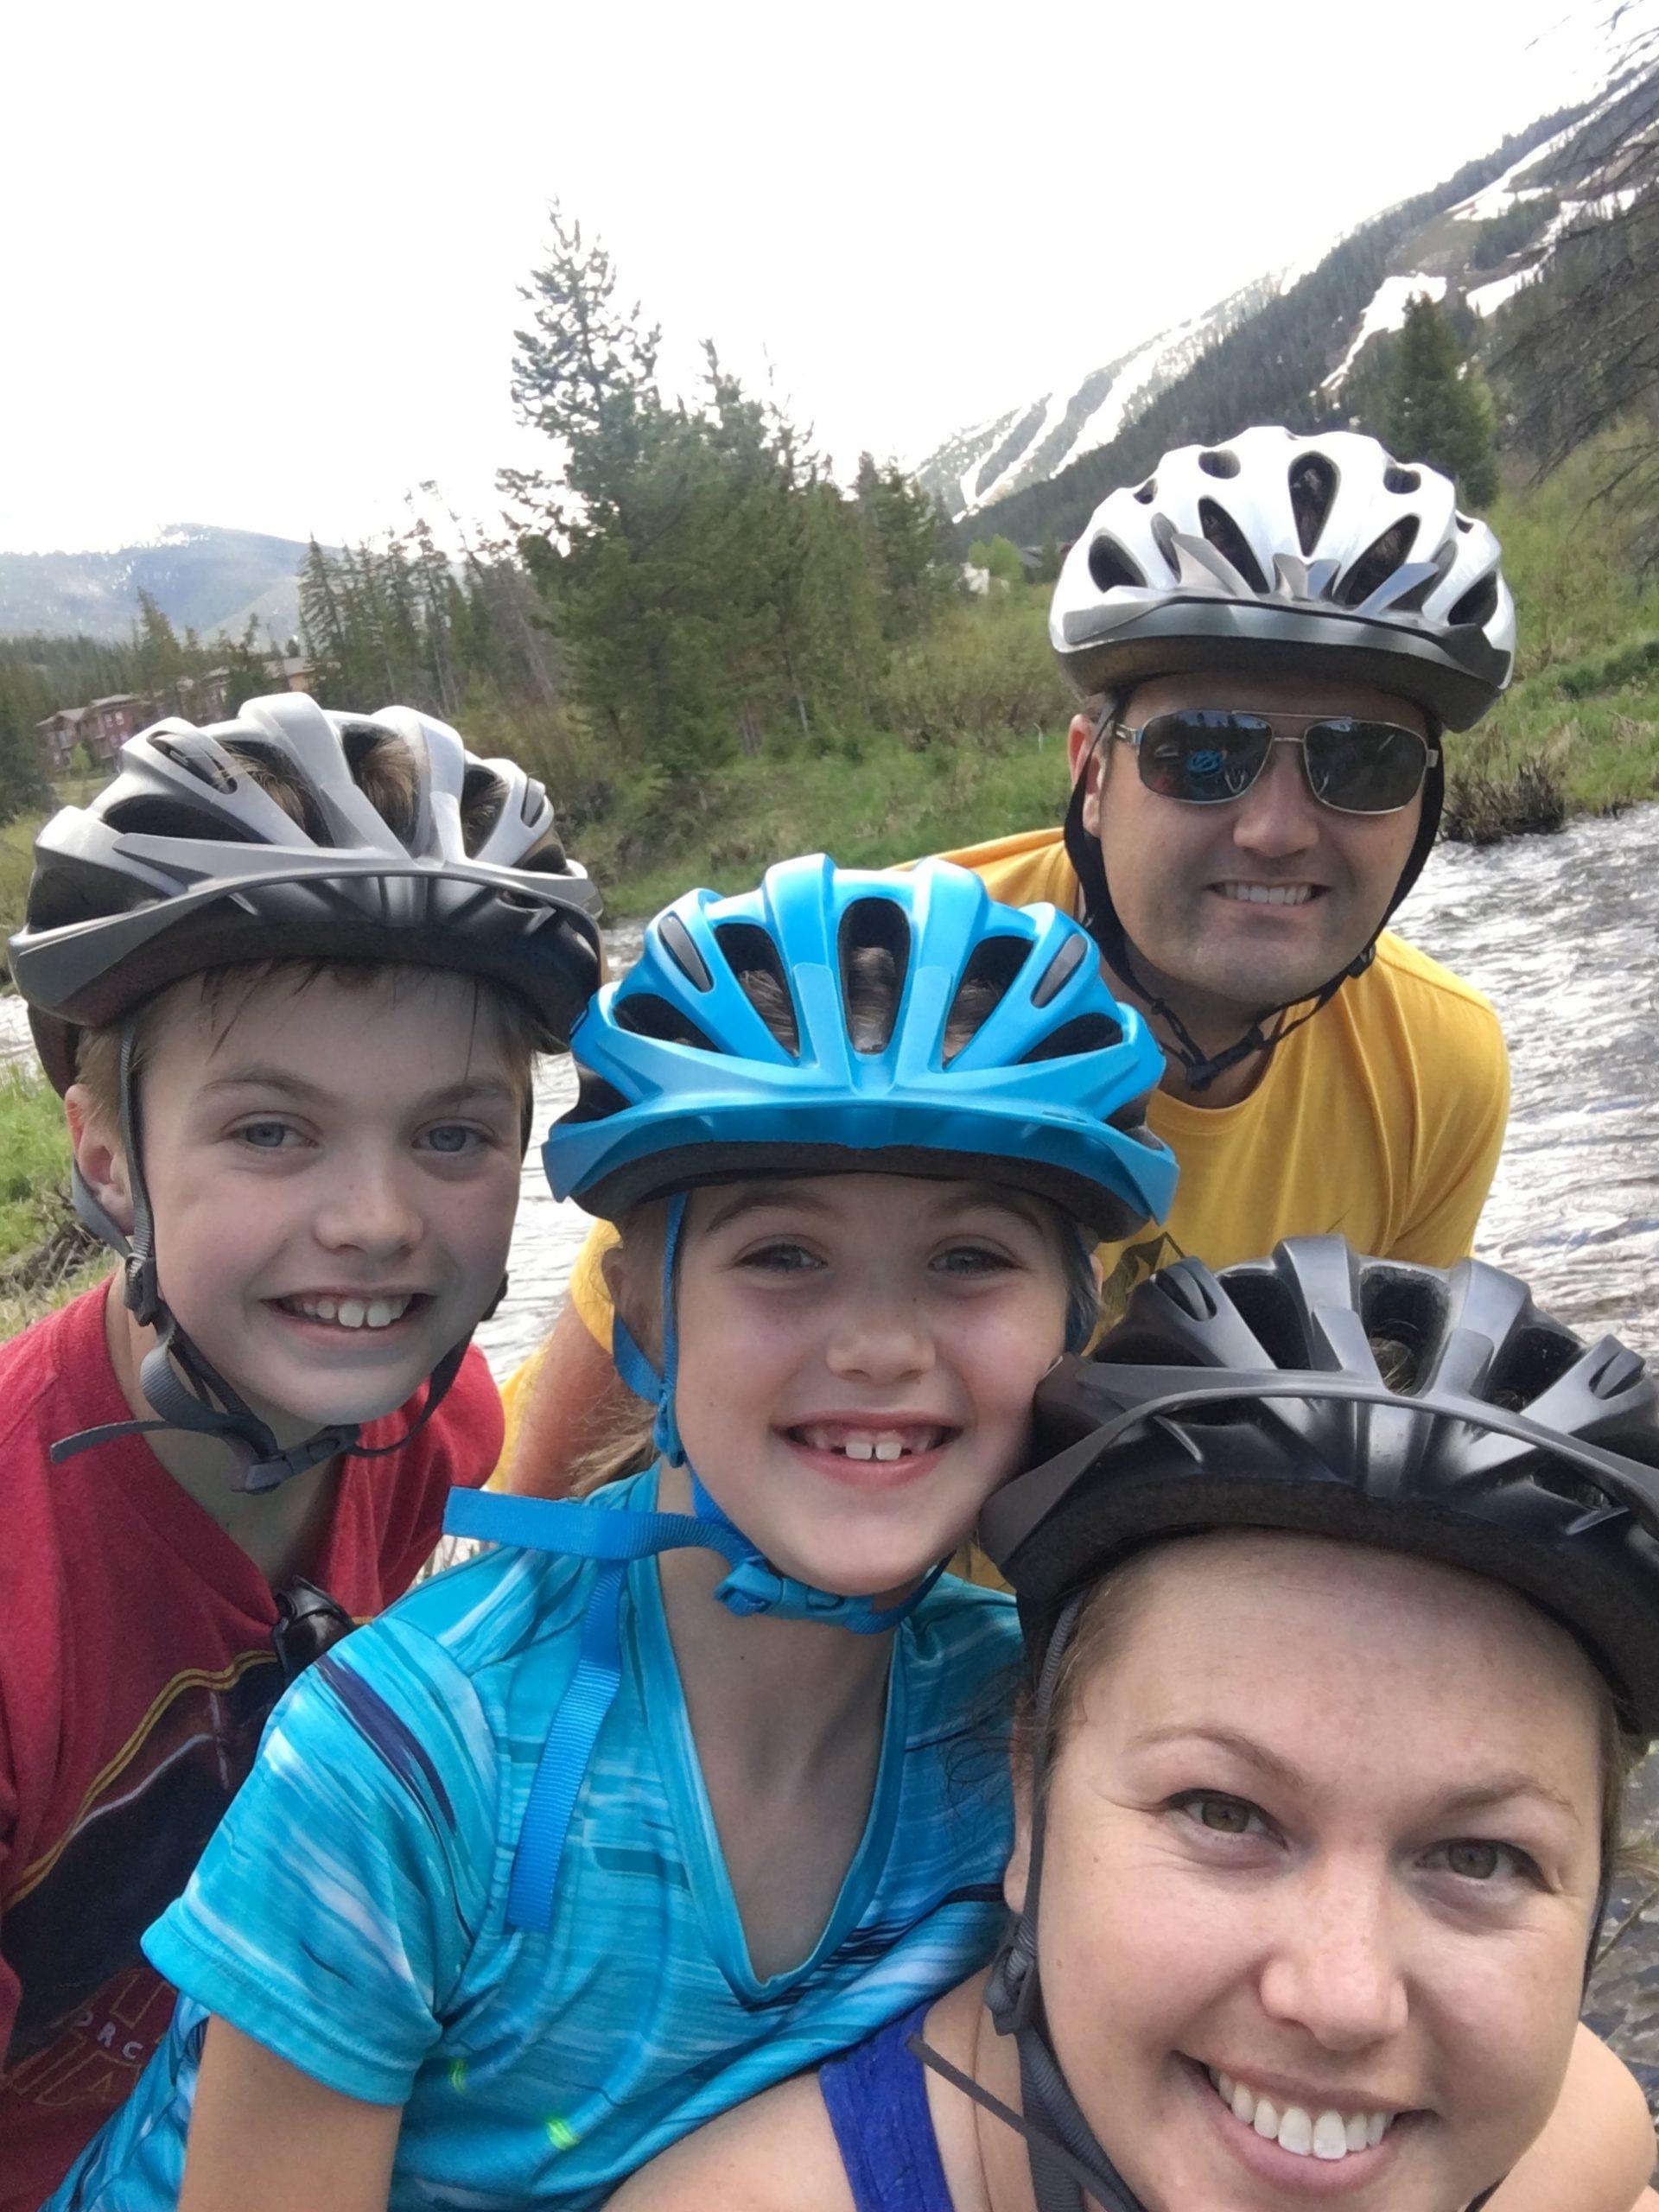 Family of four wearing biking helmets.